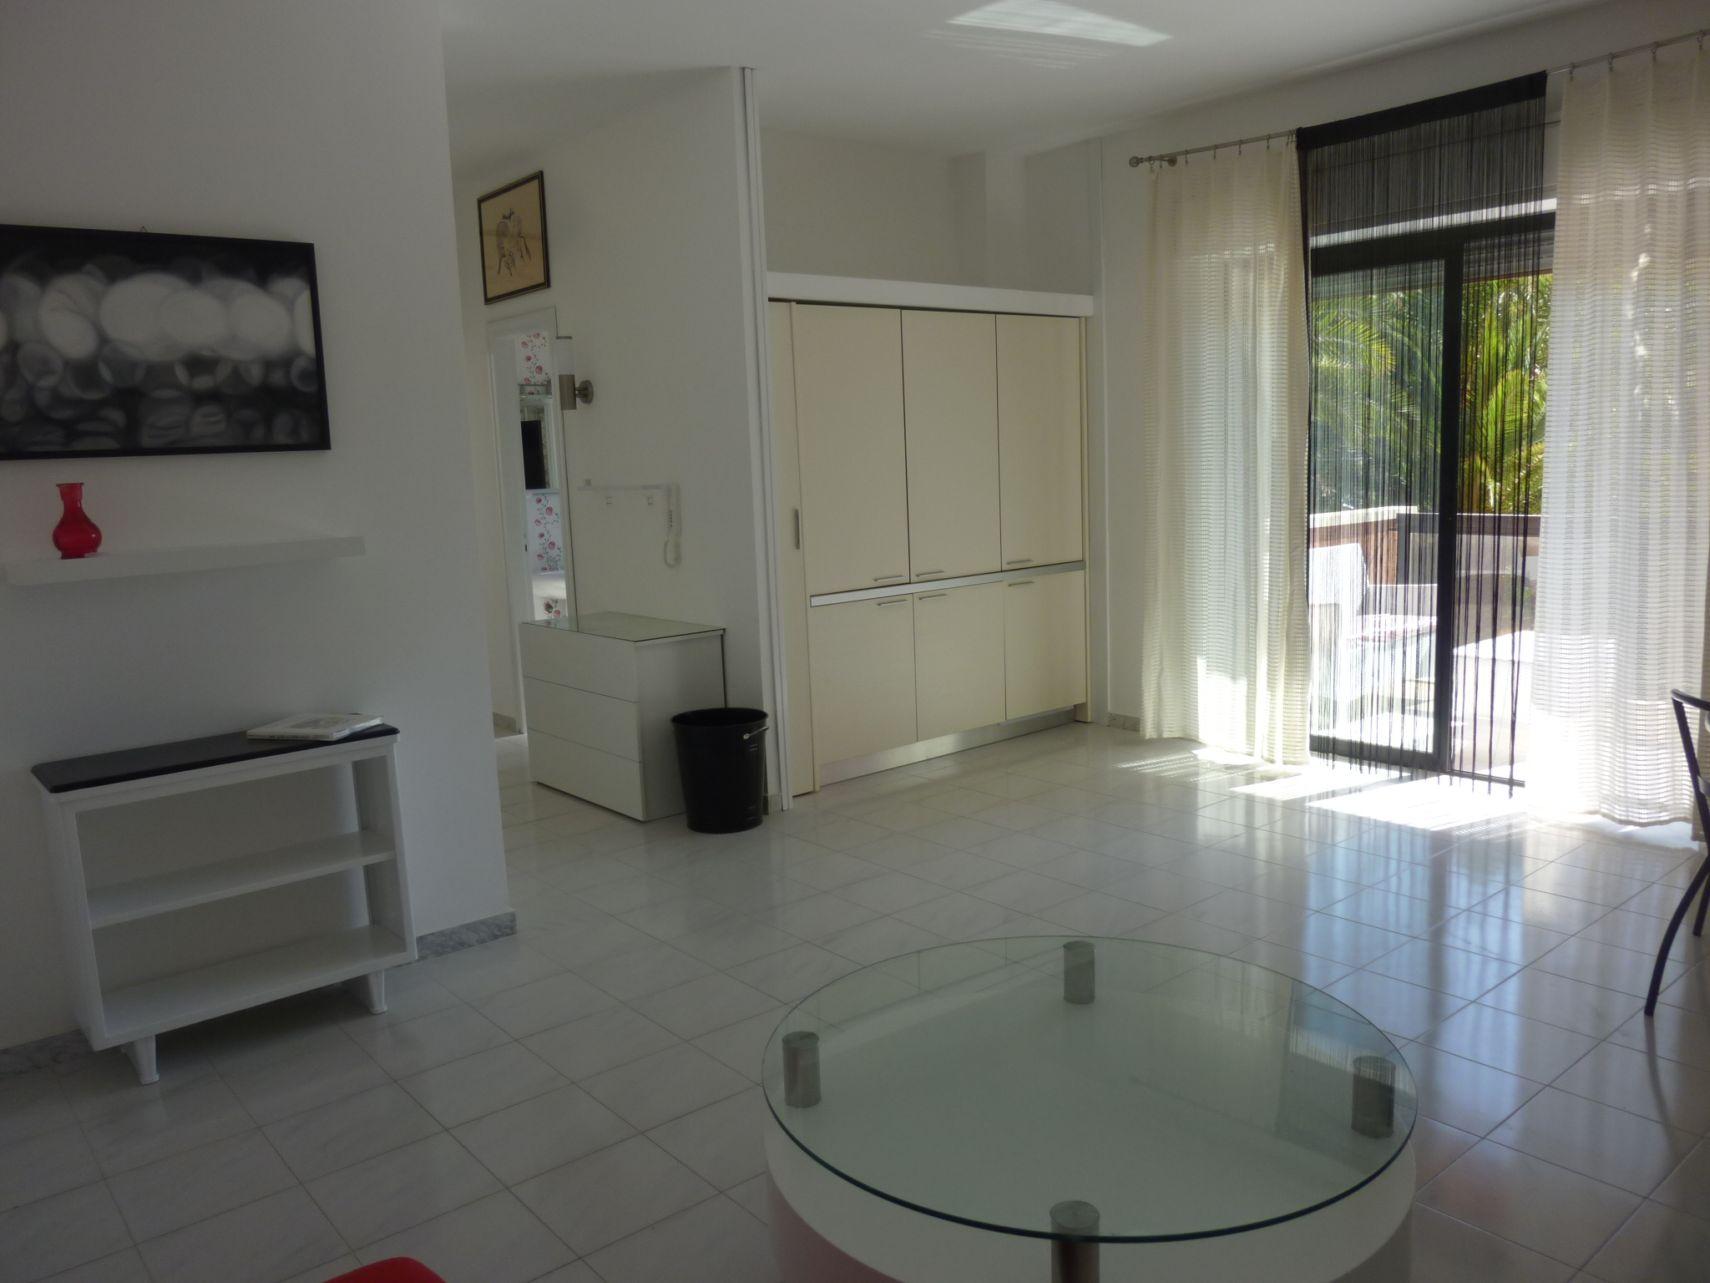 affitto casa vacanze mare palermo 8277 (20130806120824-2013-42840-NDP.JPG)